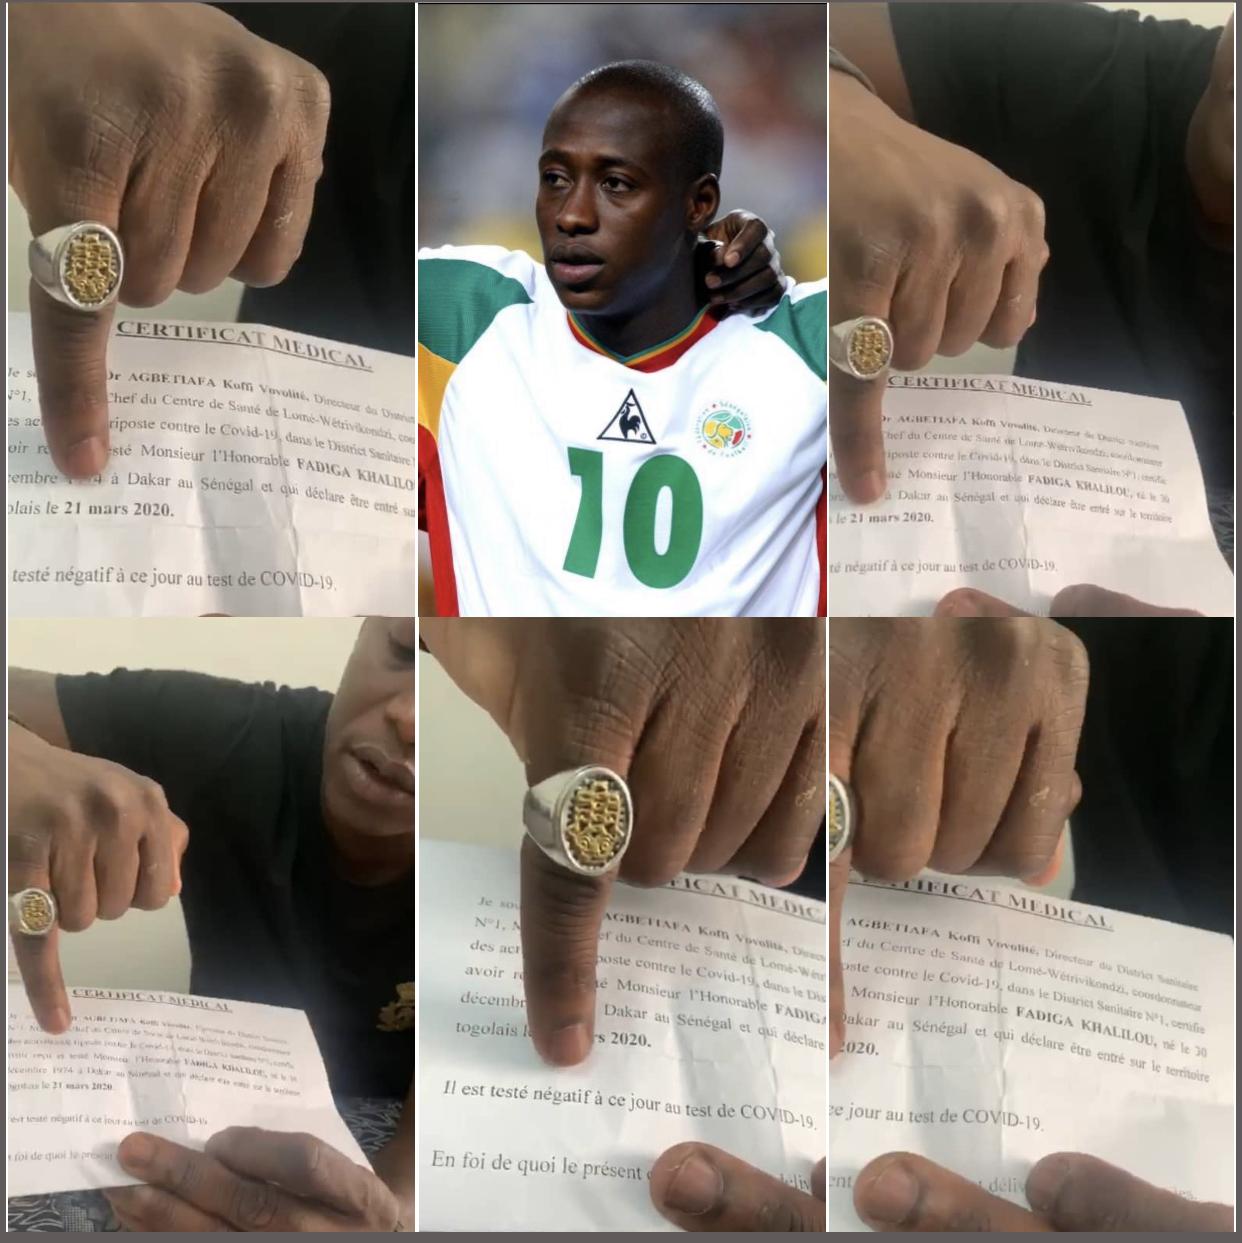 Freiné et mis en quatorzaine alors qu'il tentait d'entrer au Sénégal sans respecter les procédures : Khalilou Fadiga se victimise et s'attaque à la presse.